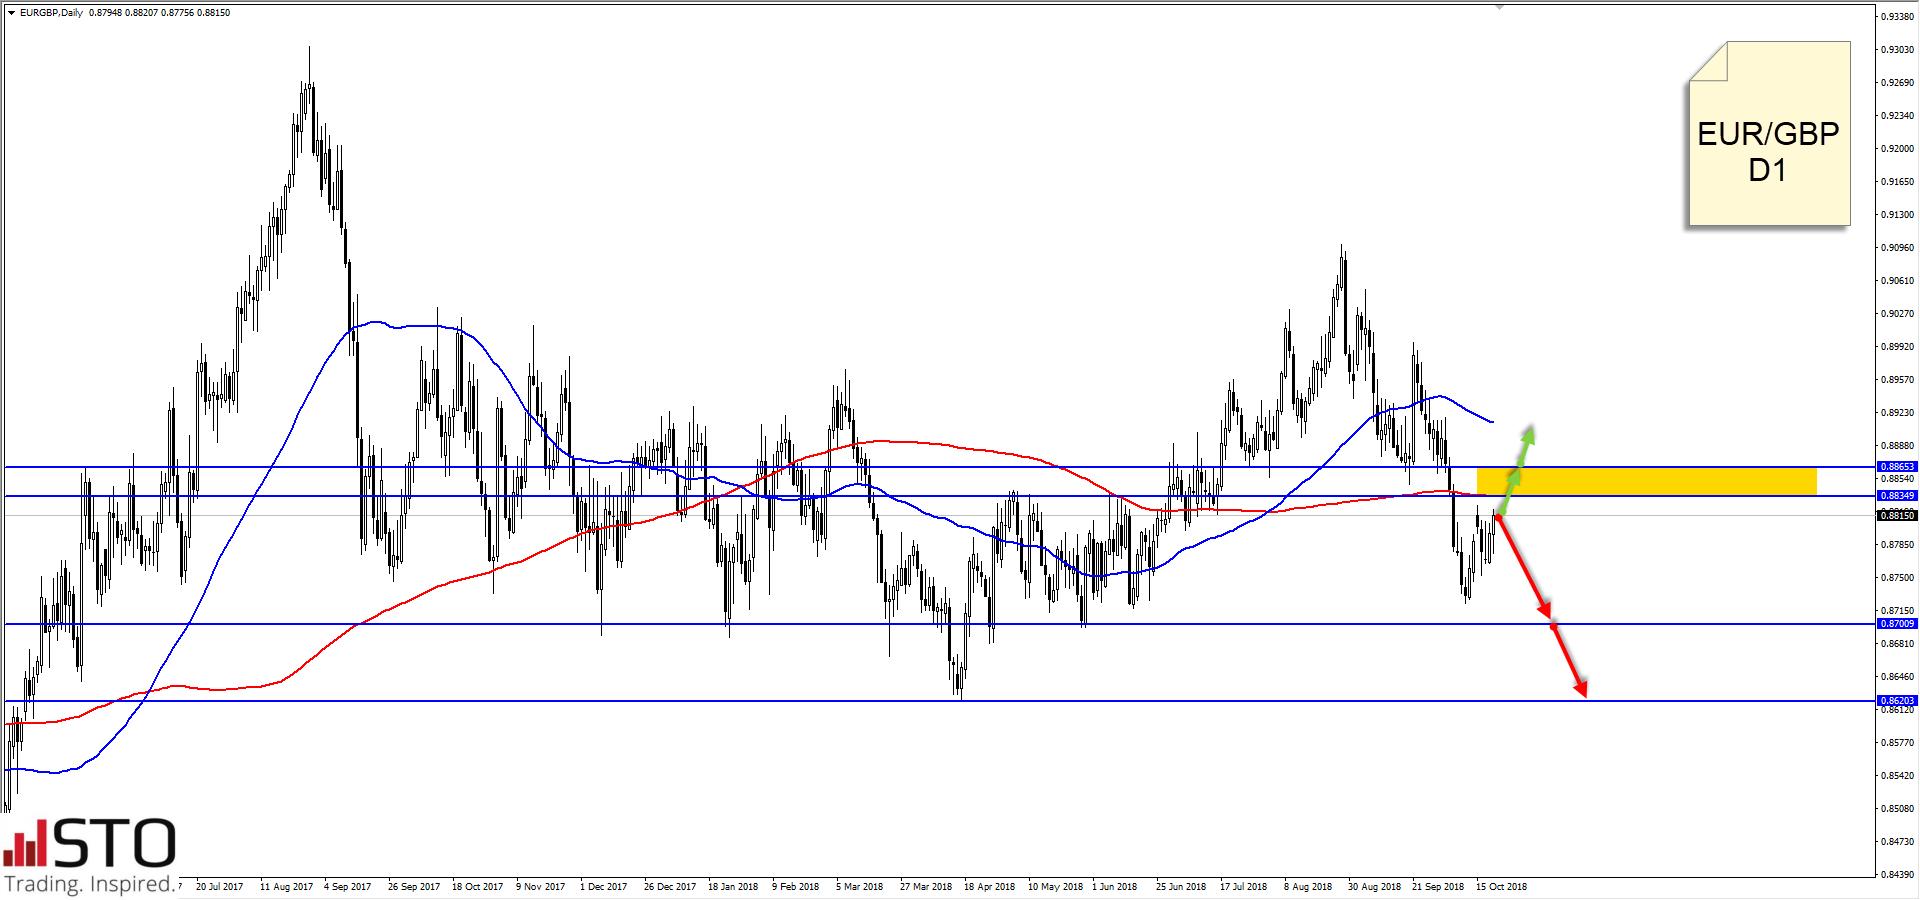 EUR/GBP pozostaje w trendzie spadkowym - Commerzbank